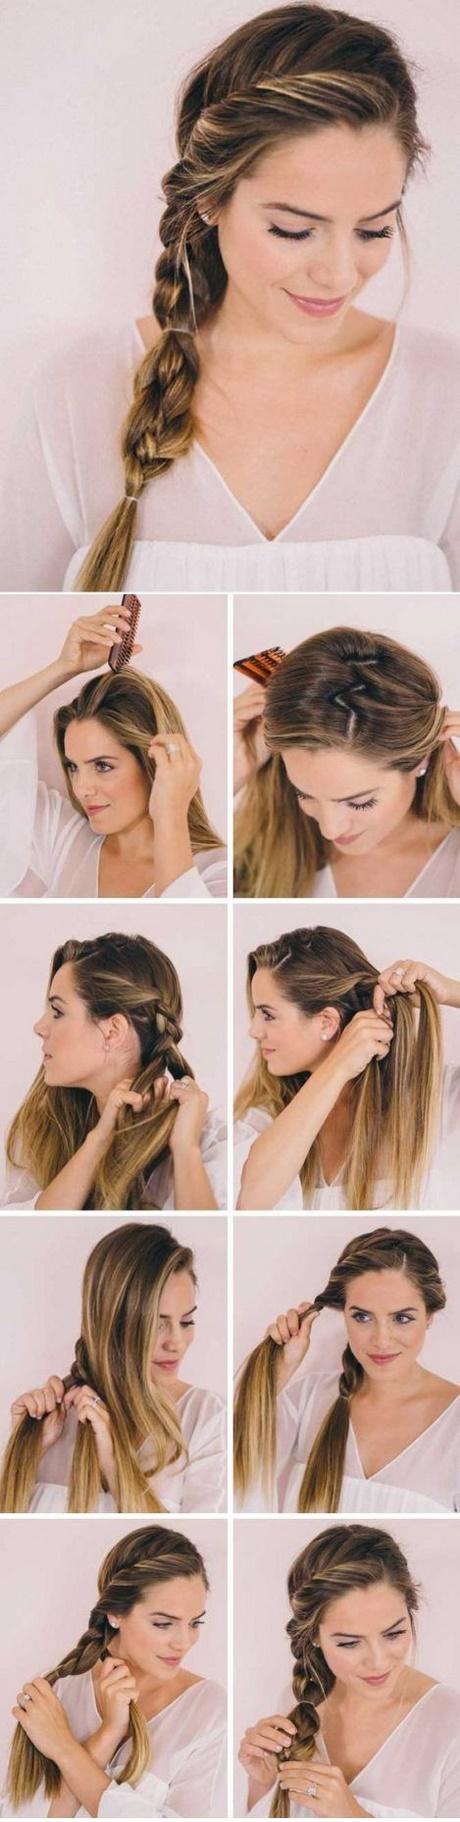 Formas de moda también peinados sencillos pelo largo Colección De Cortes De Pelo Consejos - Peinados sencillos y rapidos para cabello largo